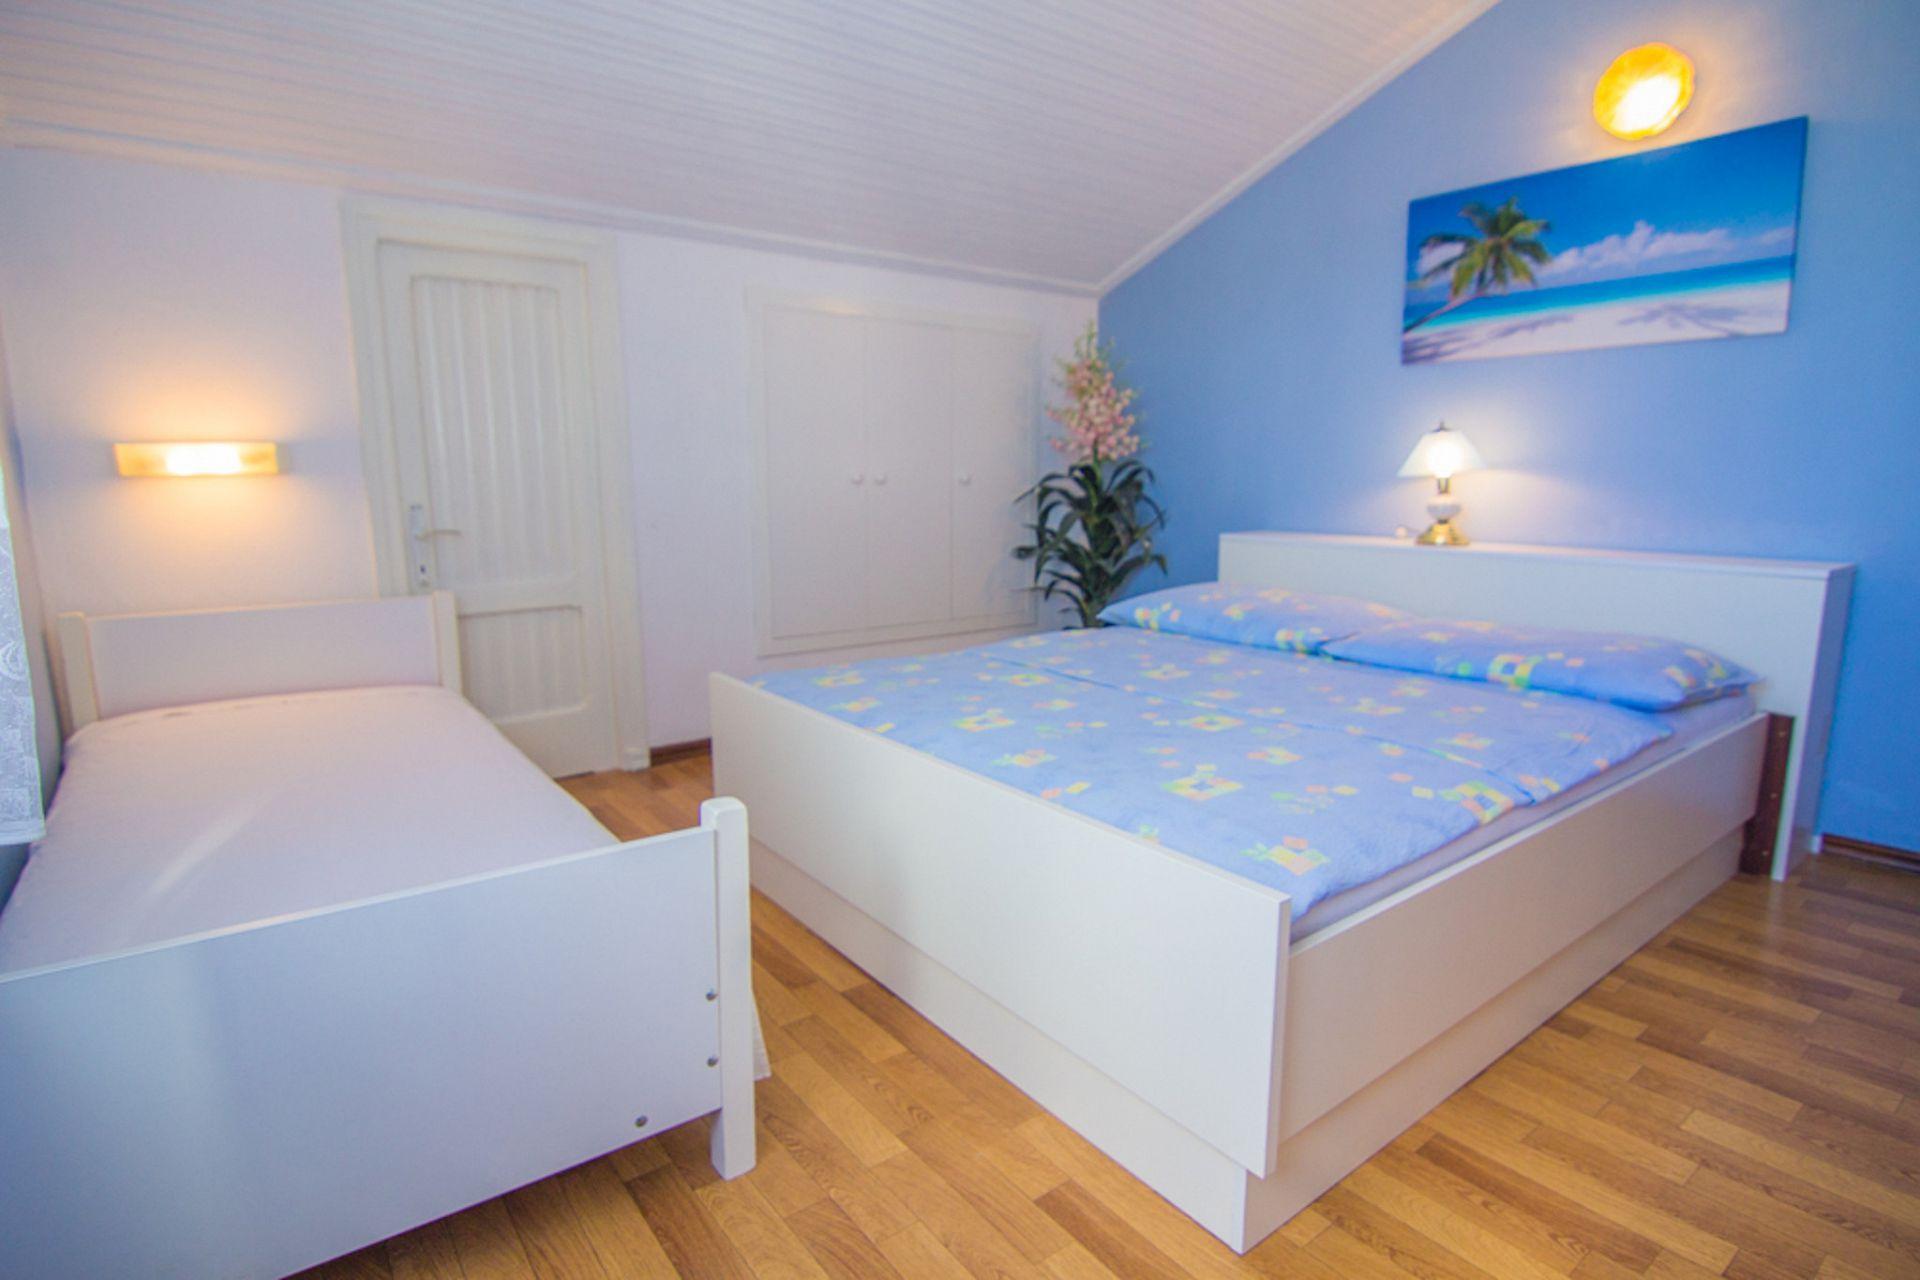 Ankica - Кампор - Апартаменты Хорватия - A2(8): спальная комната